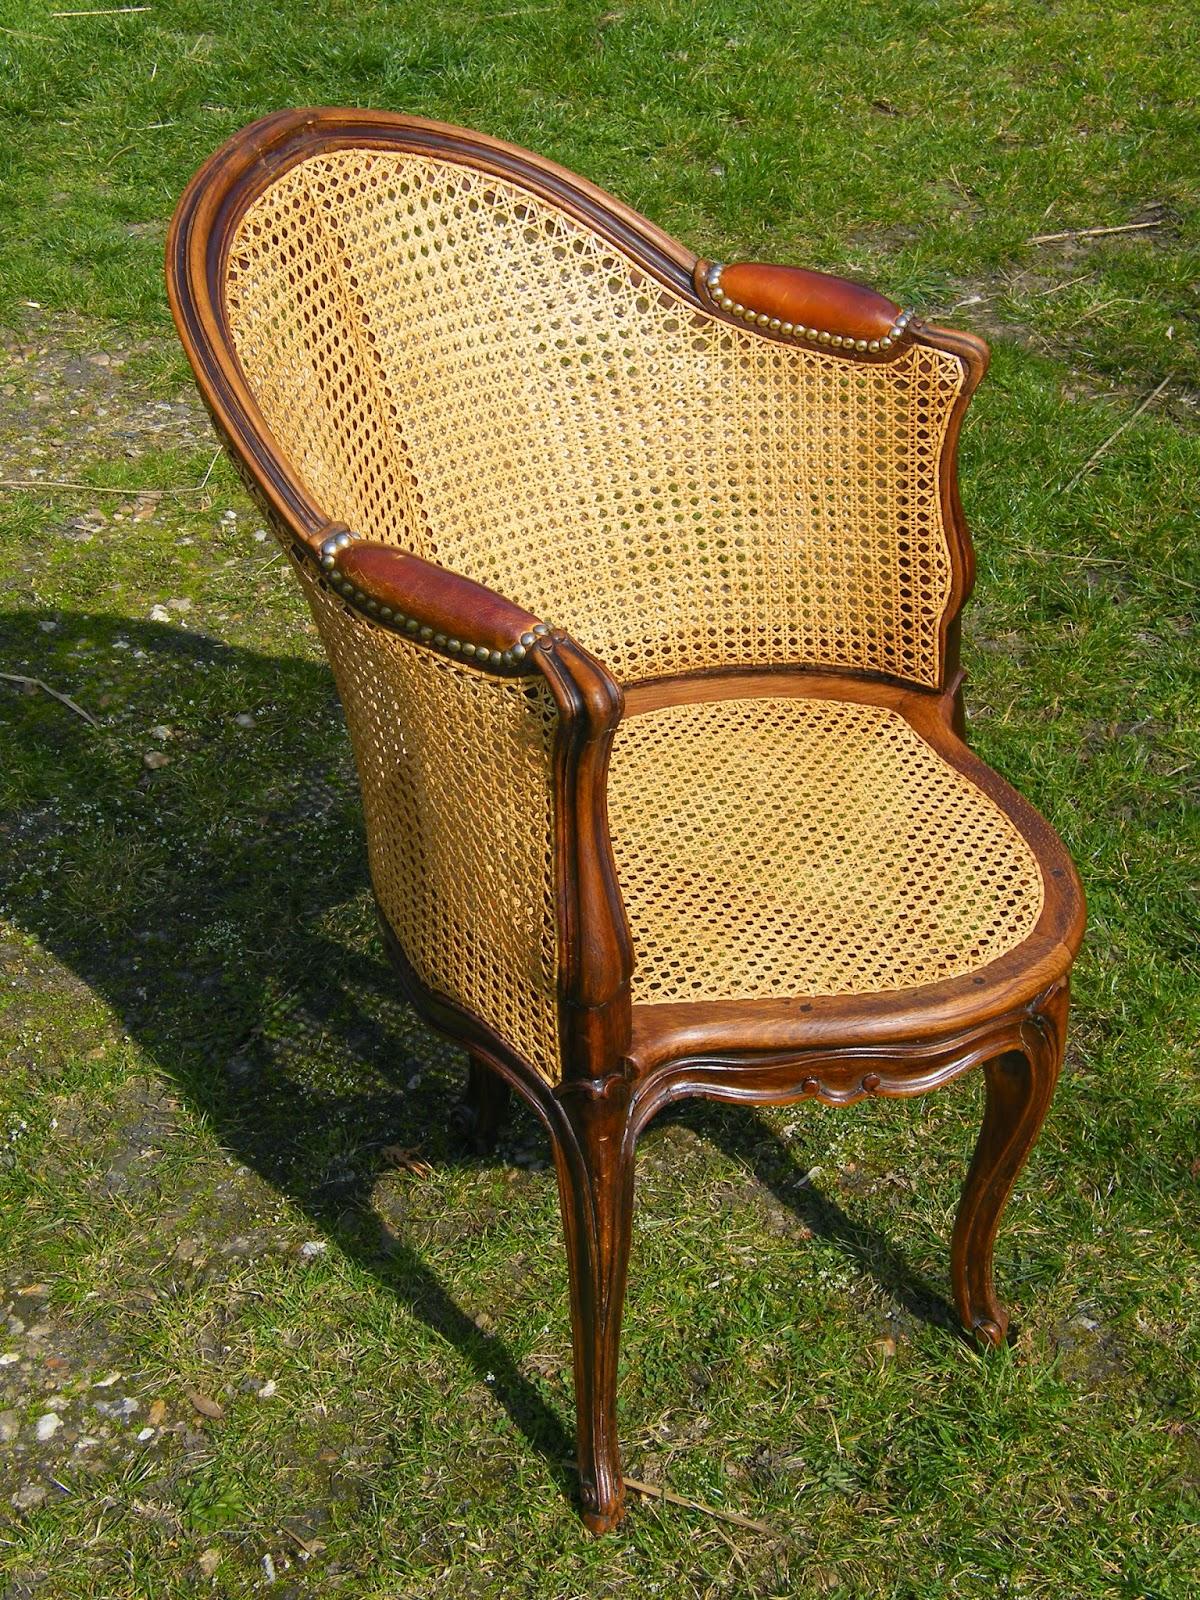 normandie cannage restauration compl te d 39 un fauteuil louis xv pour le bureau. Black Bedroom Furniture Sets. Home Design Ideas